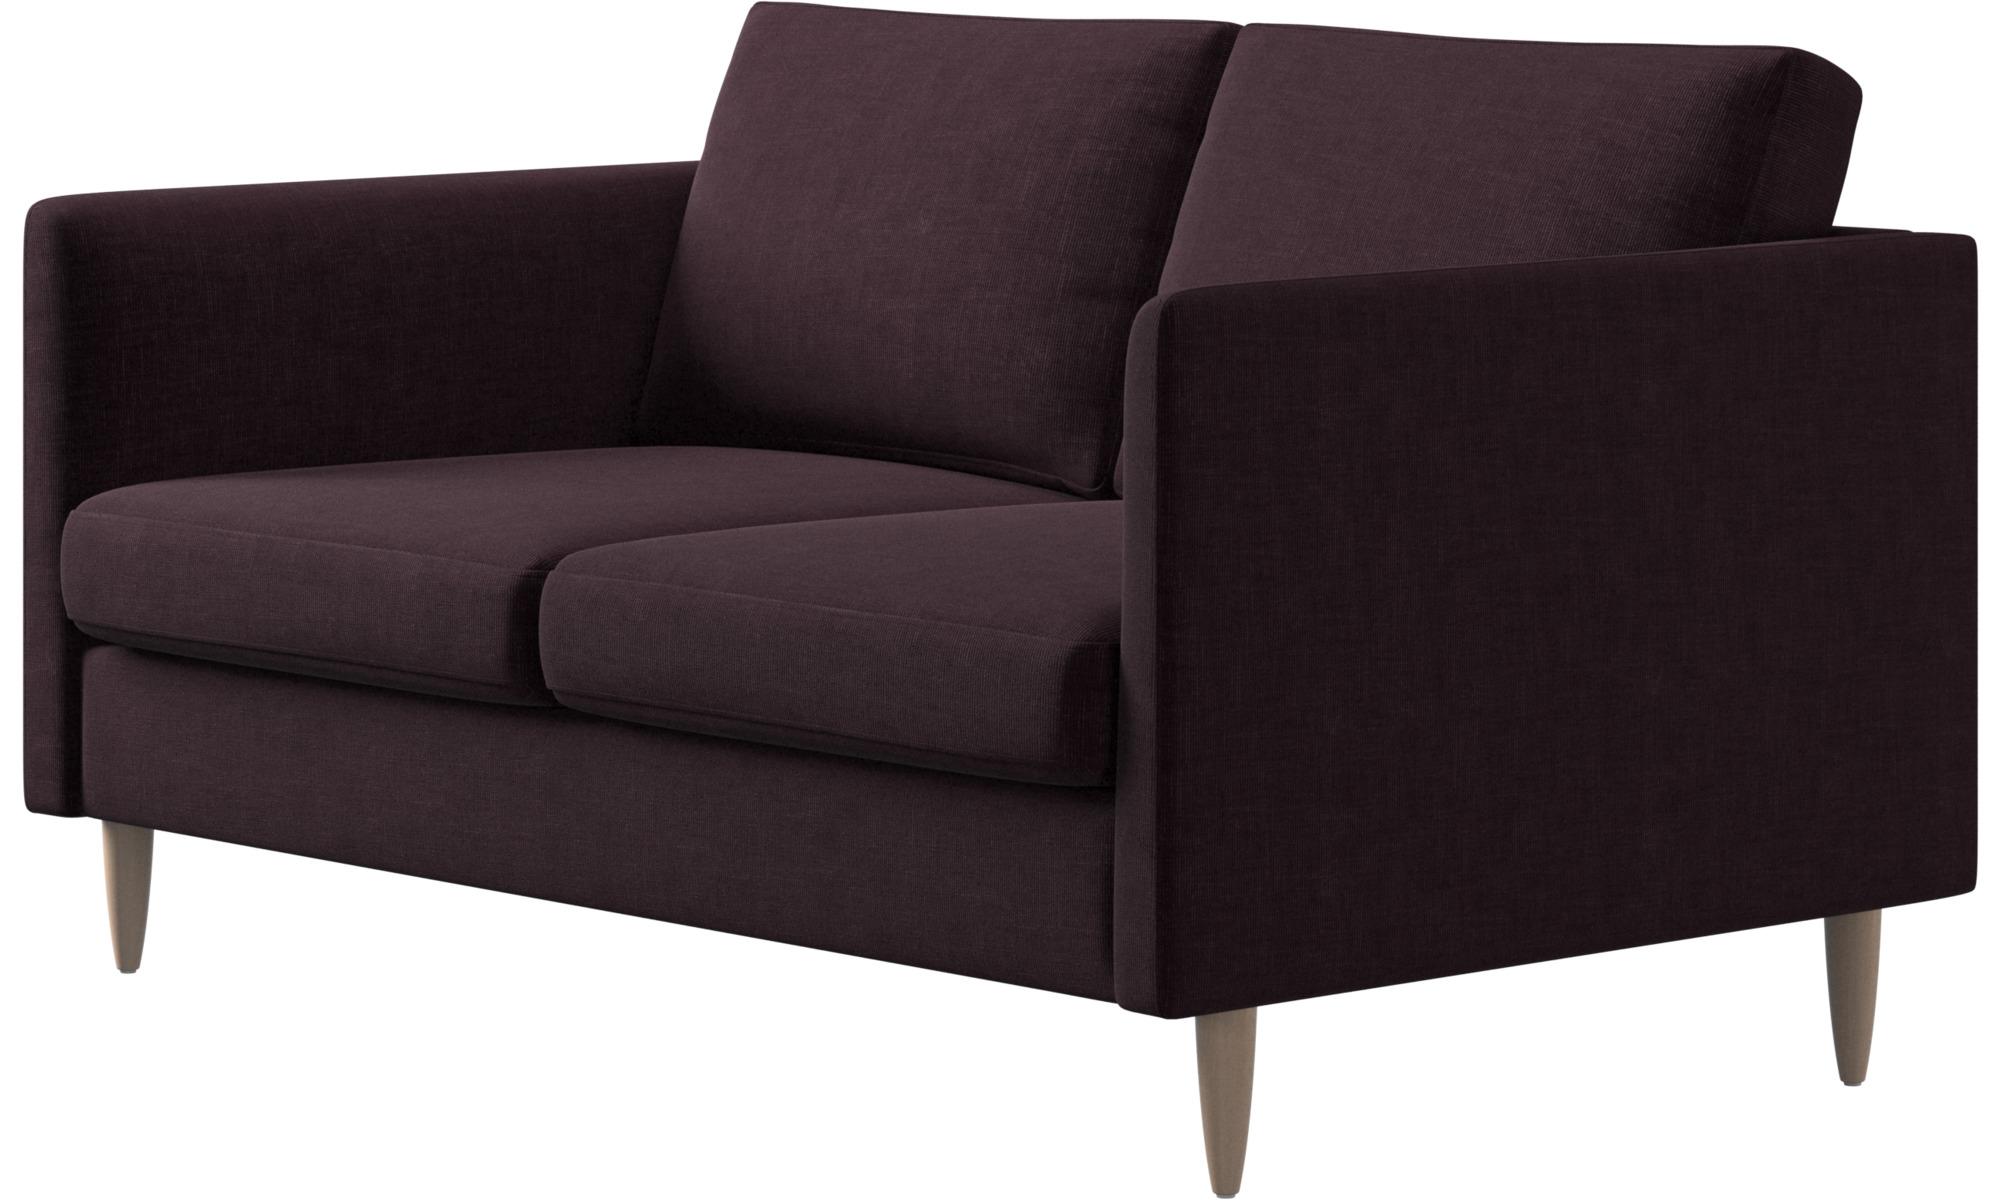 2 seater sofas - Indivi sofa - BoConcept